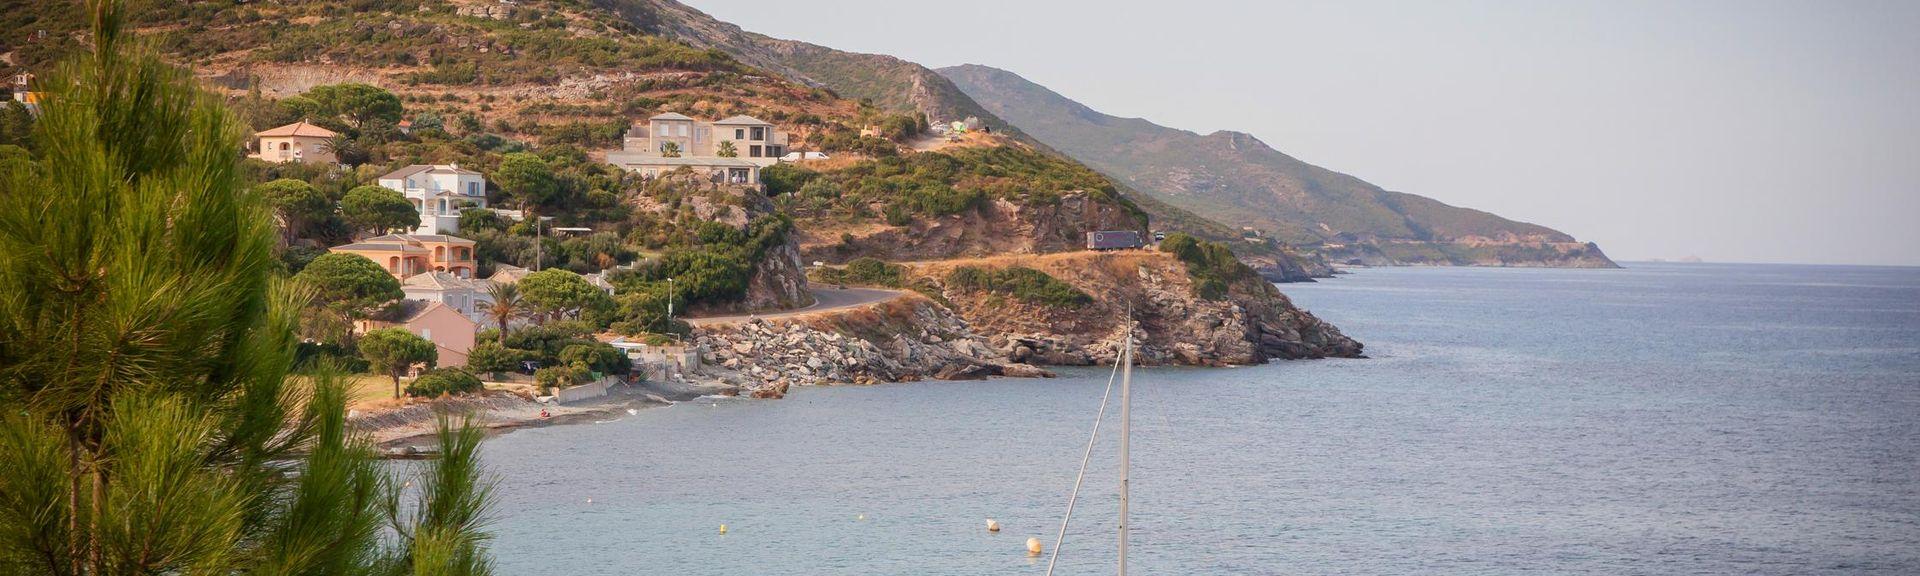 Macinaggio, Haute Corse, France